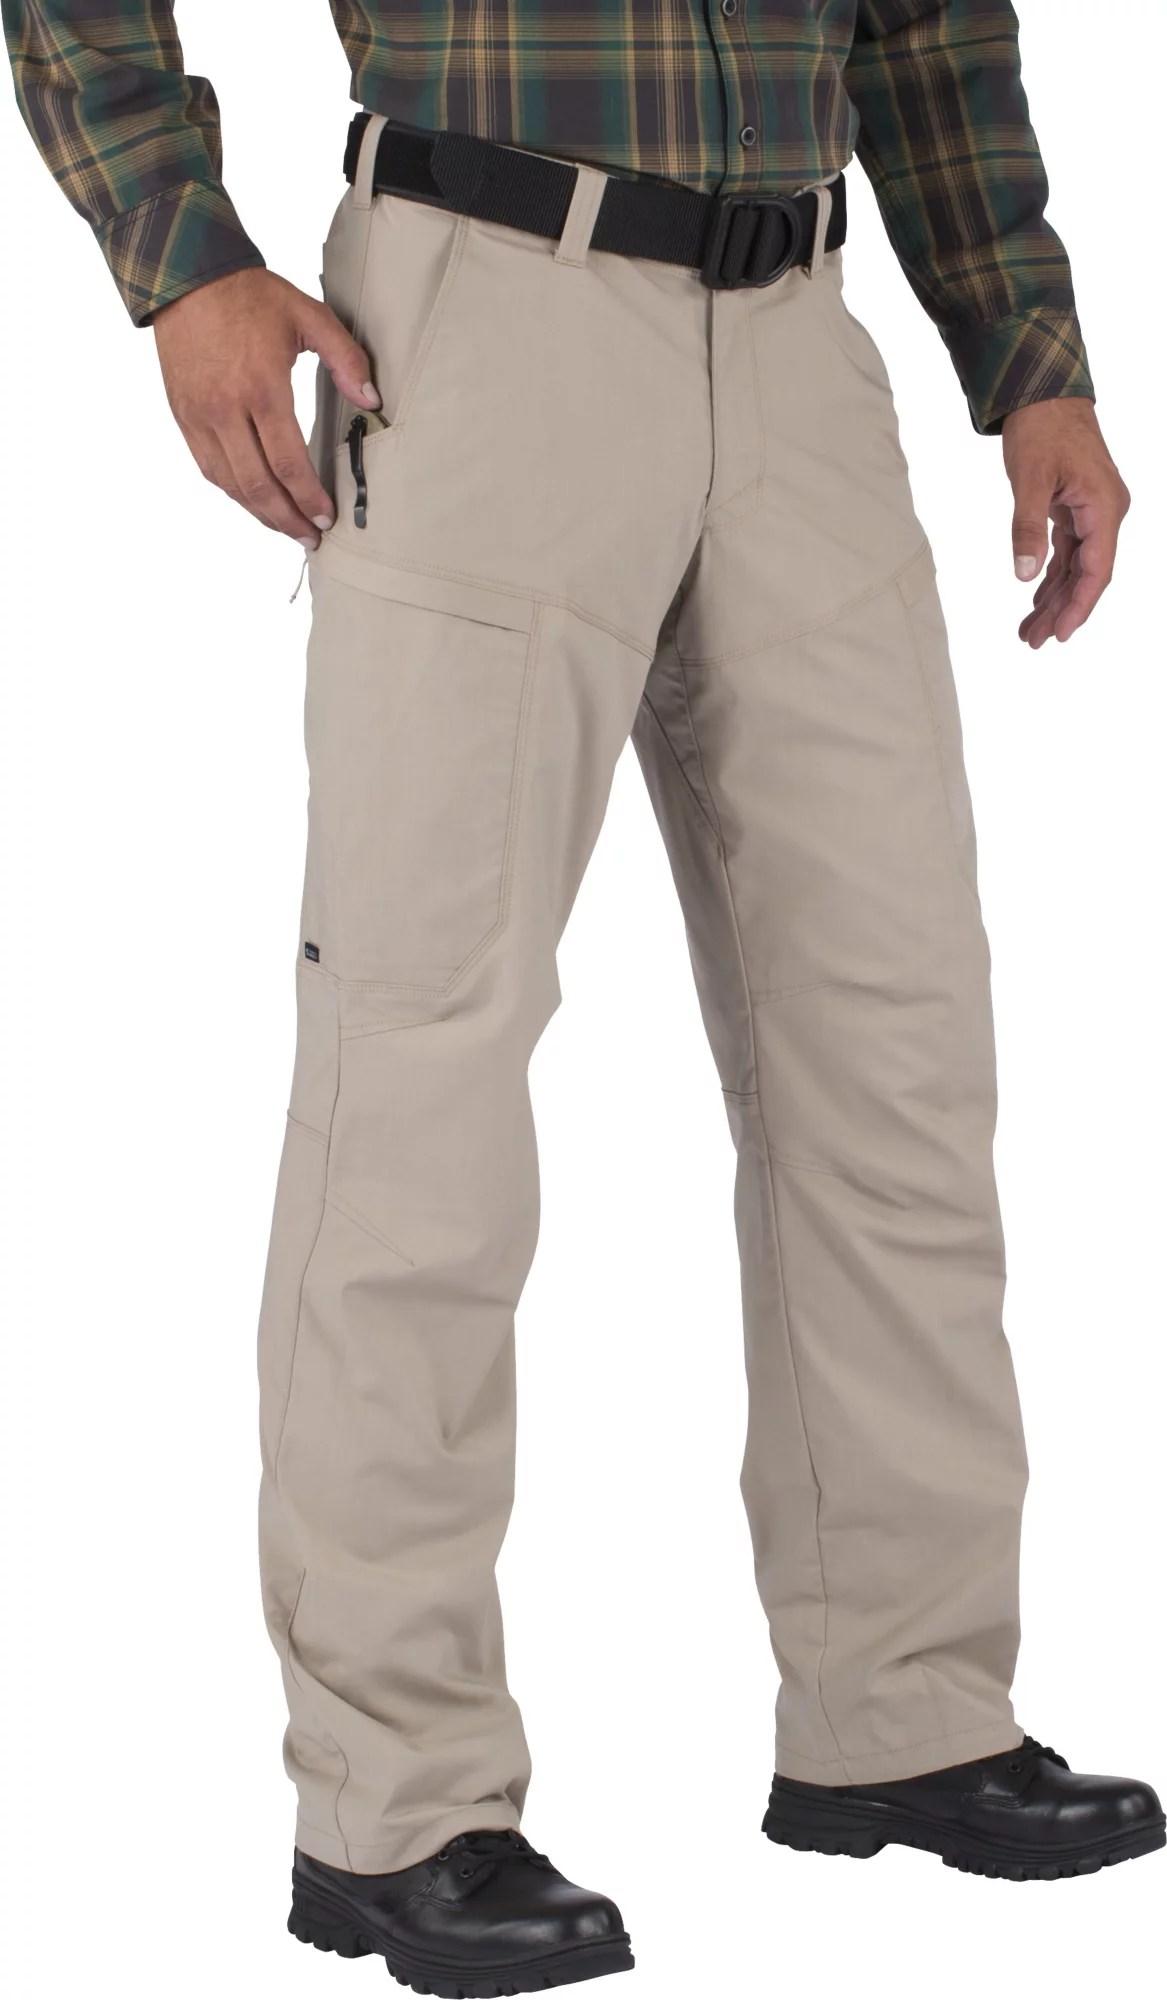 5 11 tactical men s apex pants noimagefound 1 [ 1080 x 1852 Pixel ]